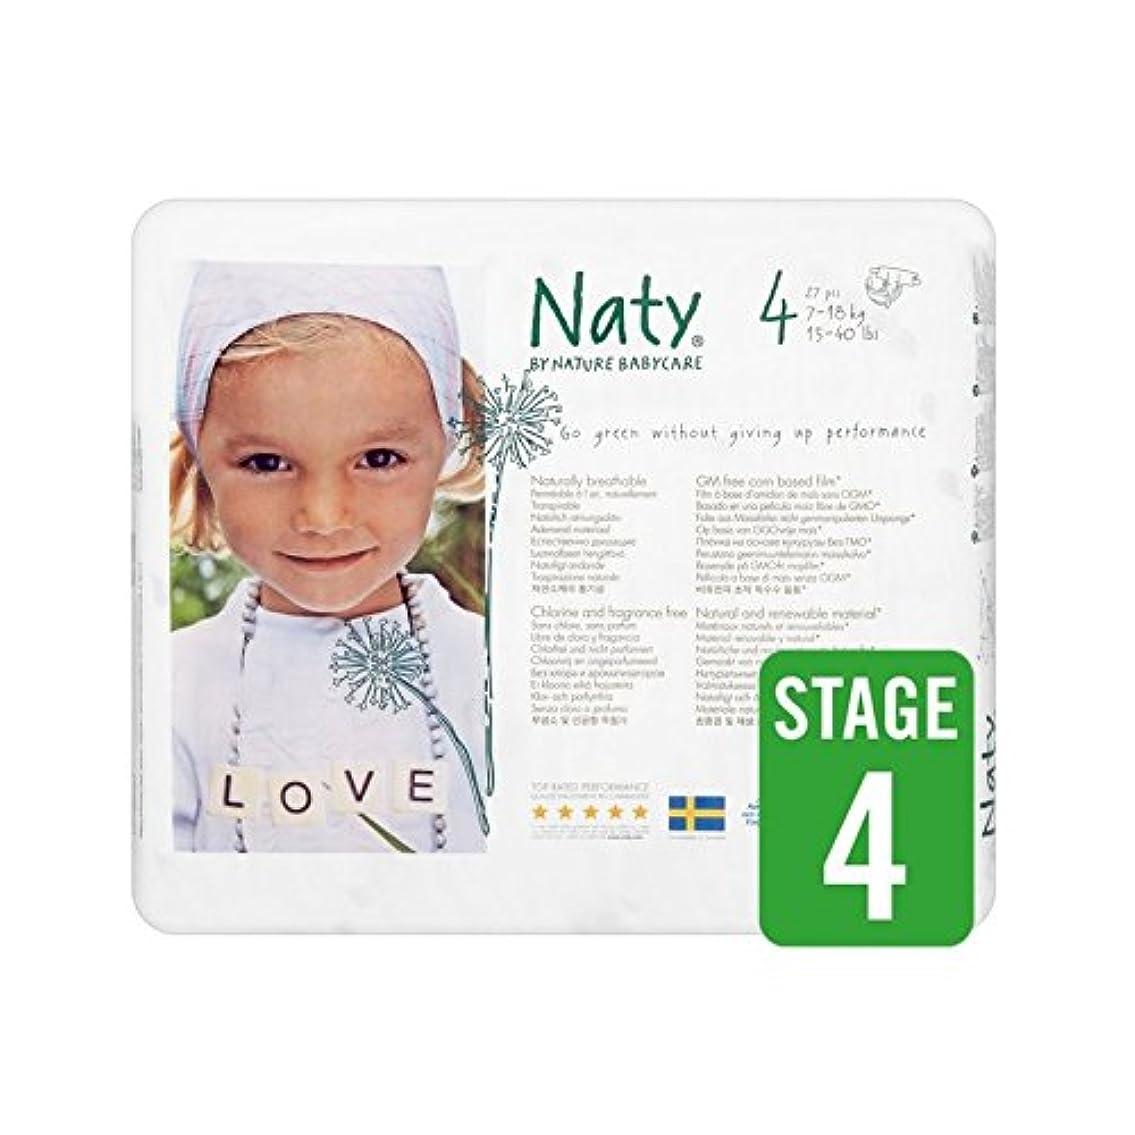 カバレッジ世界的に人気1パックNatyサイズ4キャリー27 (Nature) (x 6) - Naty Size 4 Carry 27 per pack (Pack of 6) [並行輸入品]